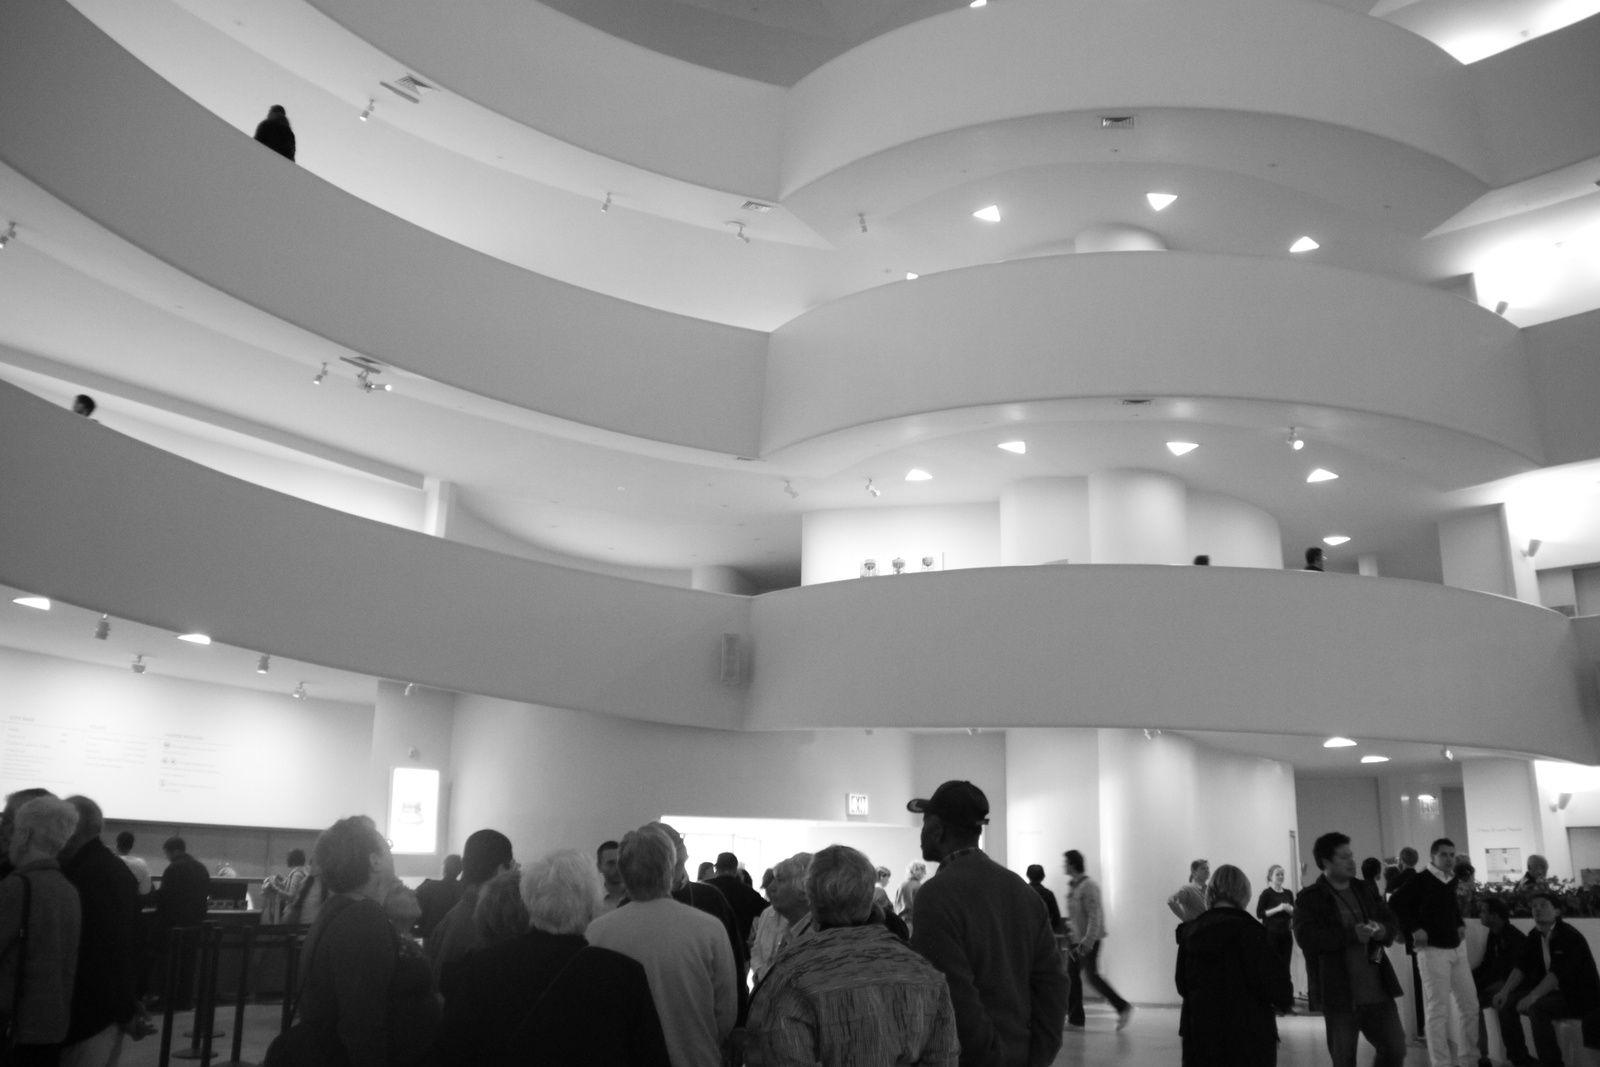 Guggenheim de new york